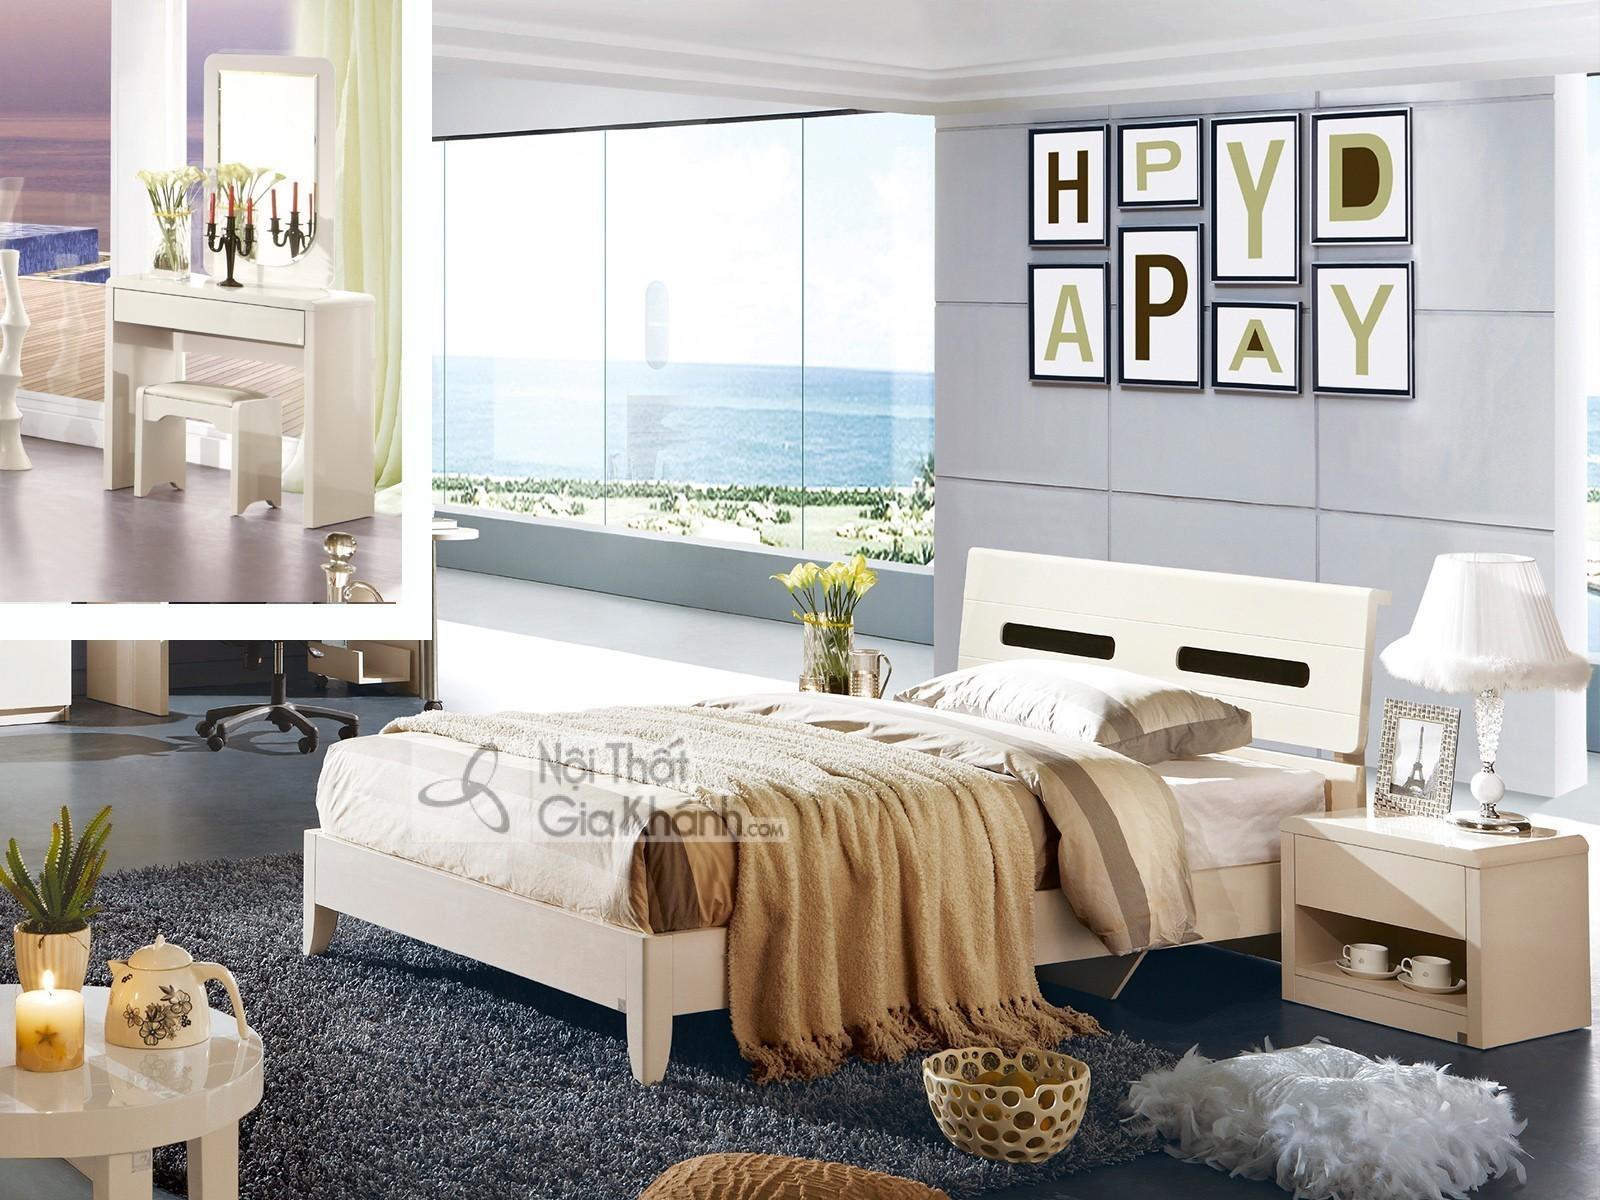 Bộ giường ngủ gỗ MDF nhập khẩu cao cấp BN3313-15